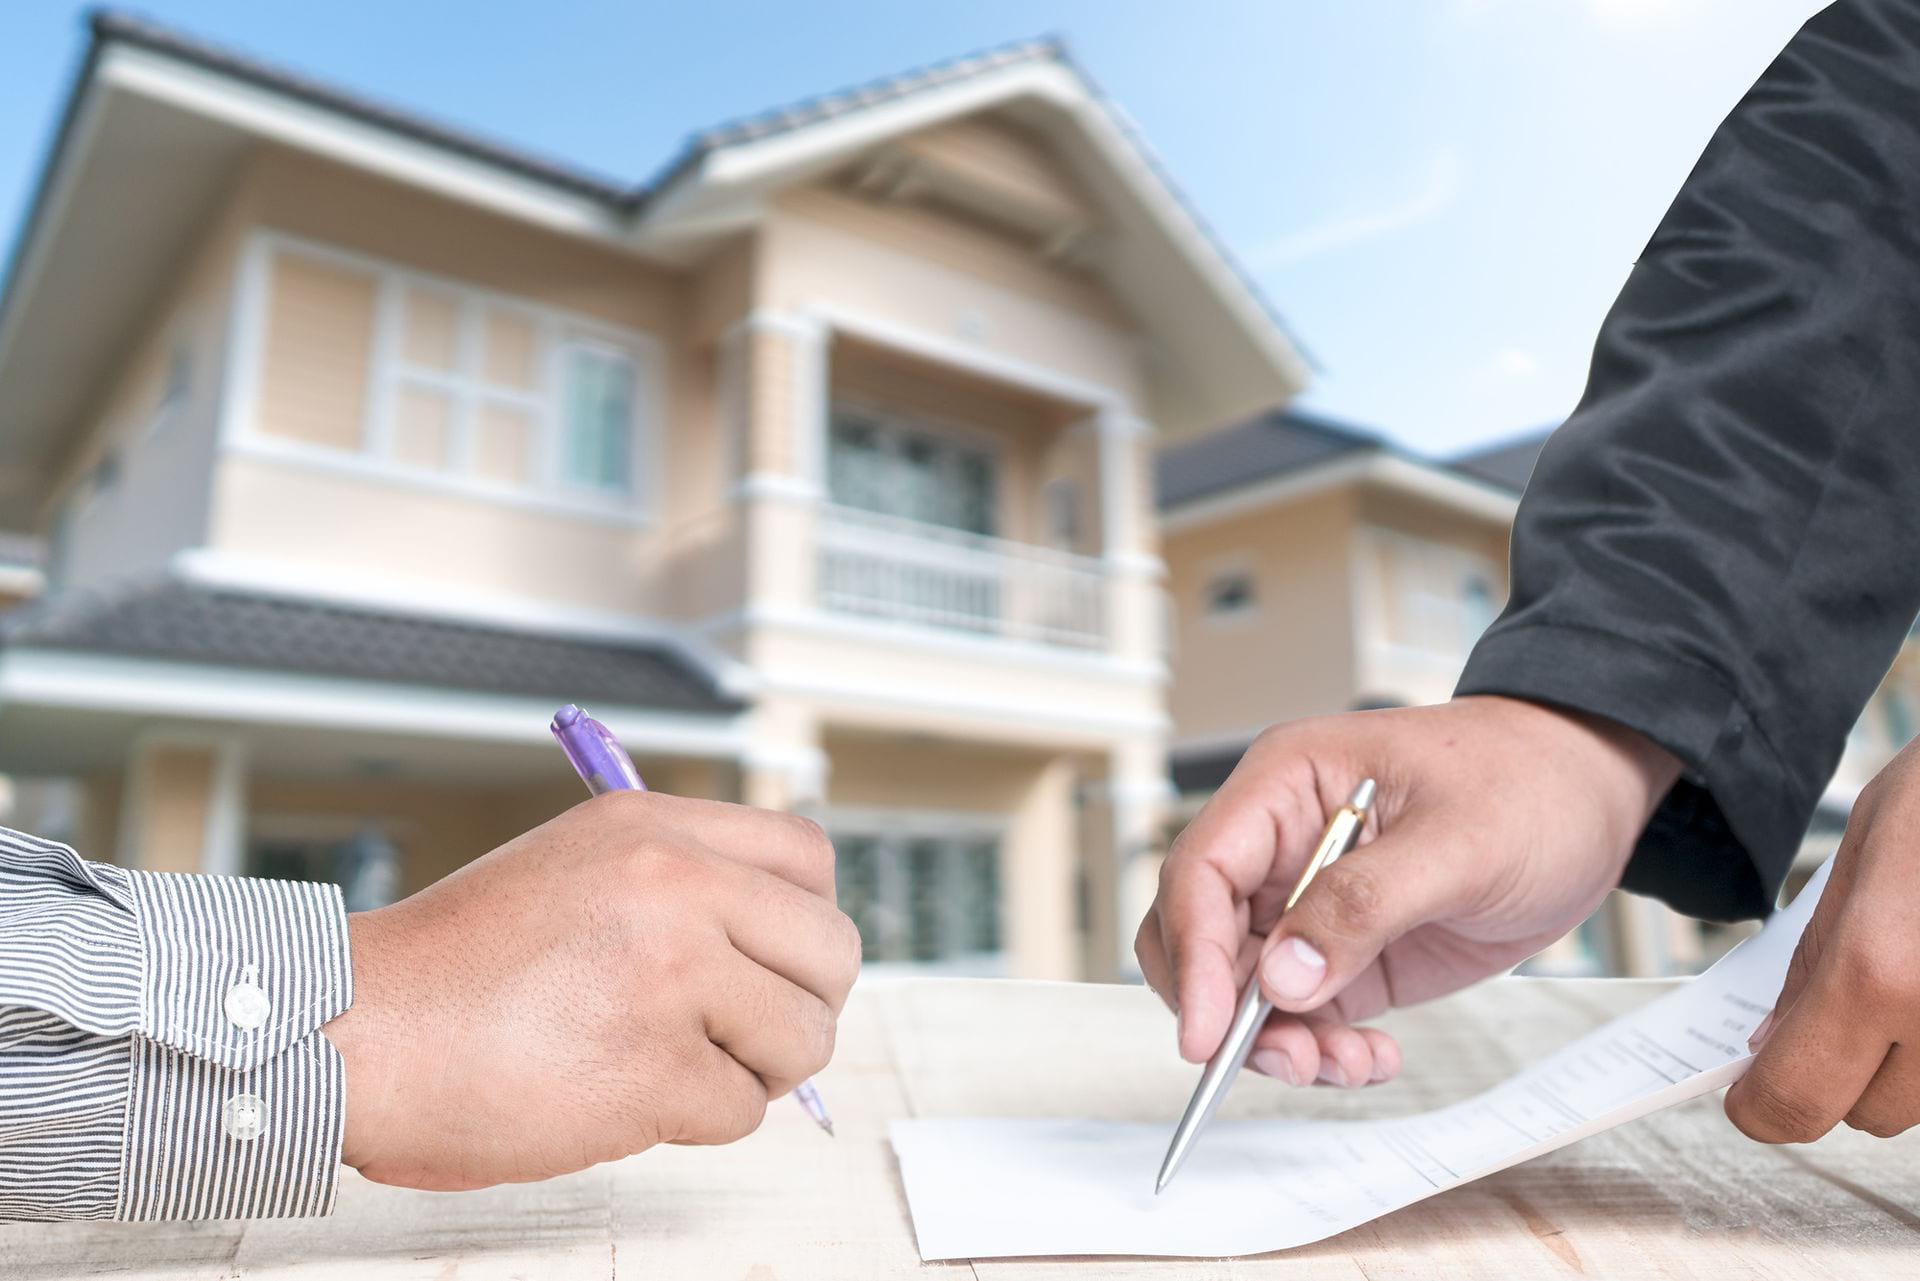 Когда необходим адвокат по жилищным вопросам